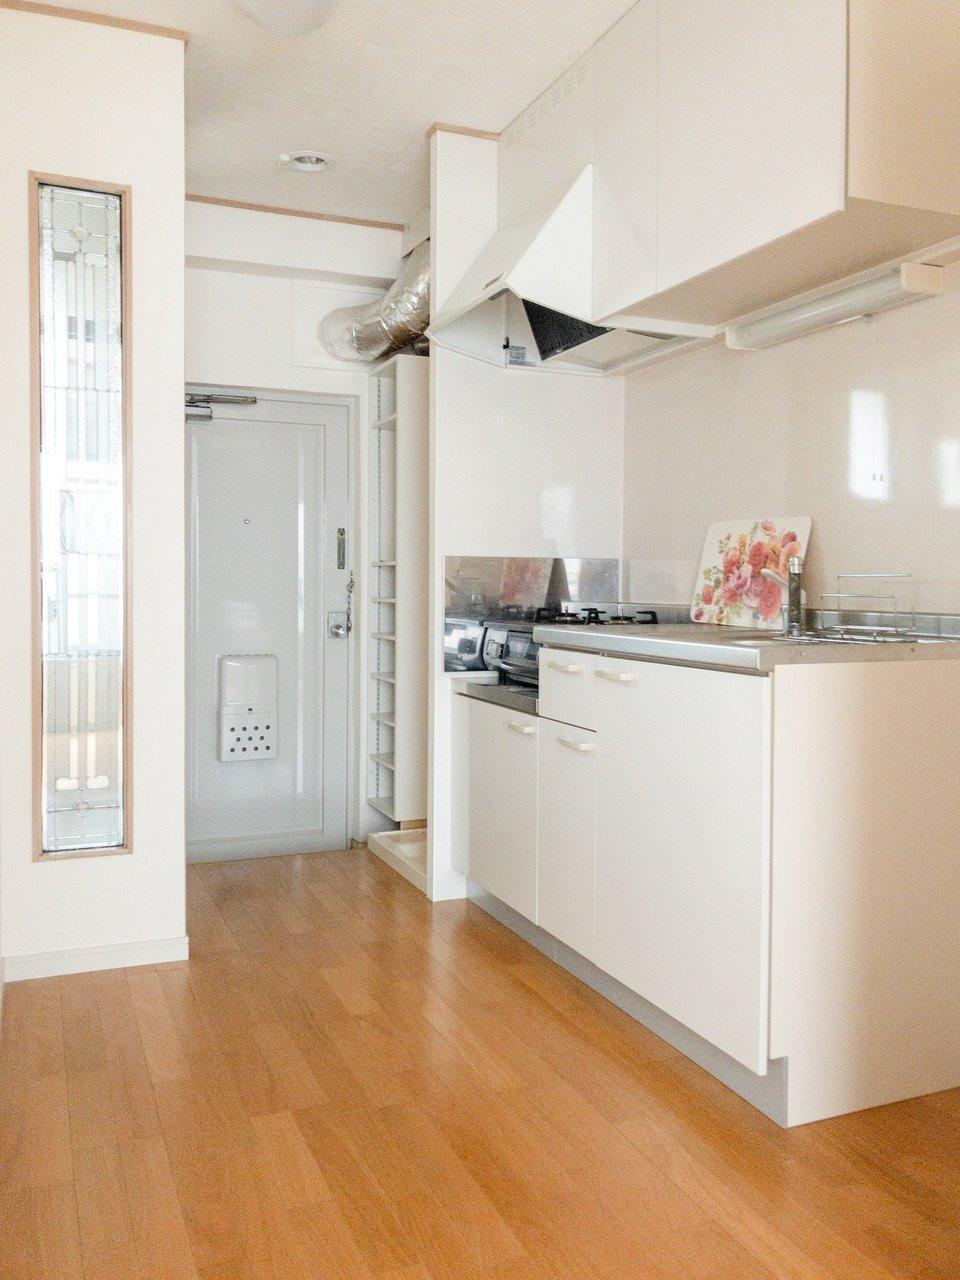 キッチン周辺は少し広めにスペースがとられています。作業場込み、2口ガスコンロ付きのキッチンなので、自炊派の方におすすめです。全身鏡の前で、おでかけまえの身だしなみチェックもお忘れなく。